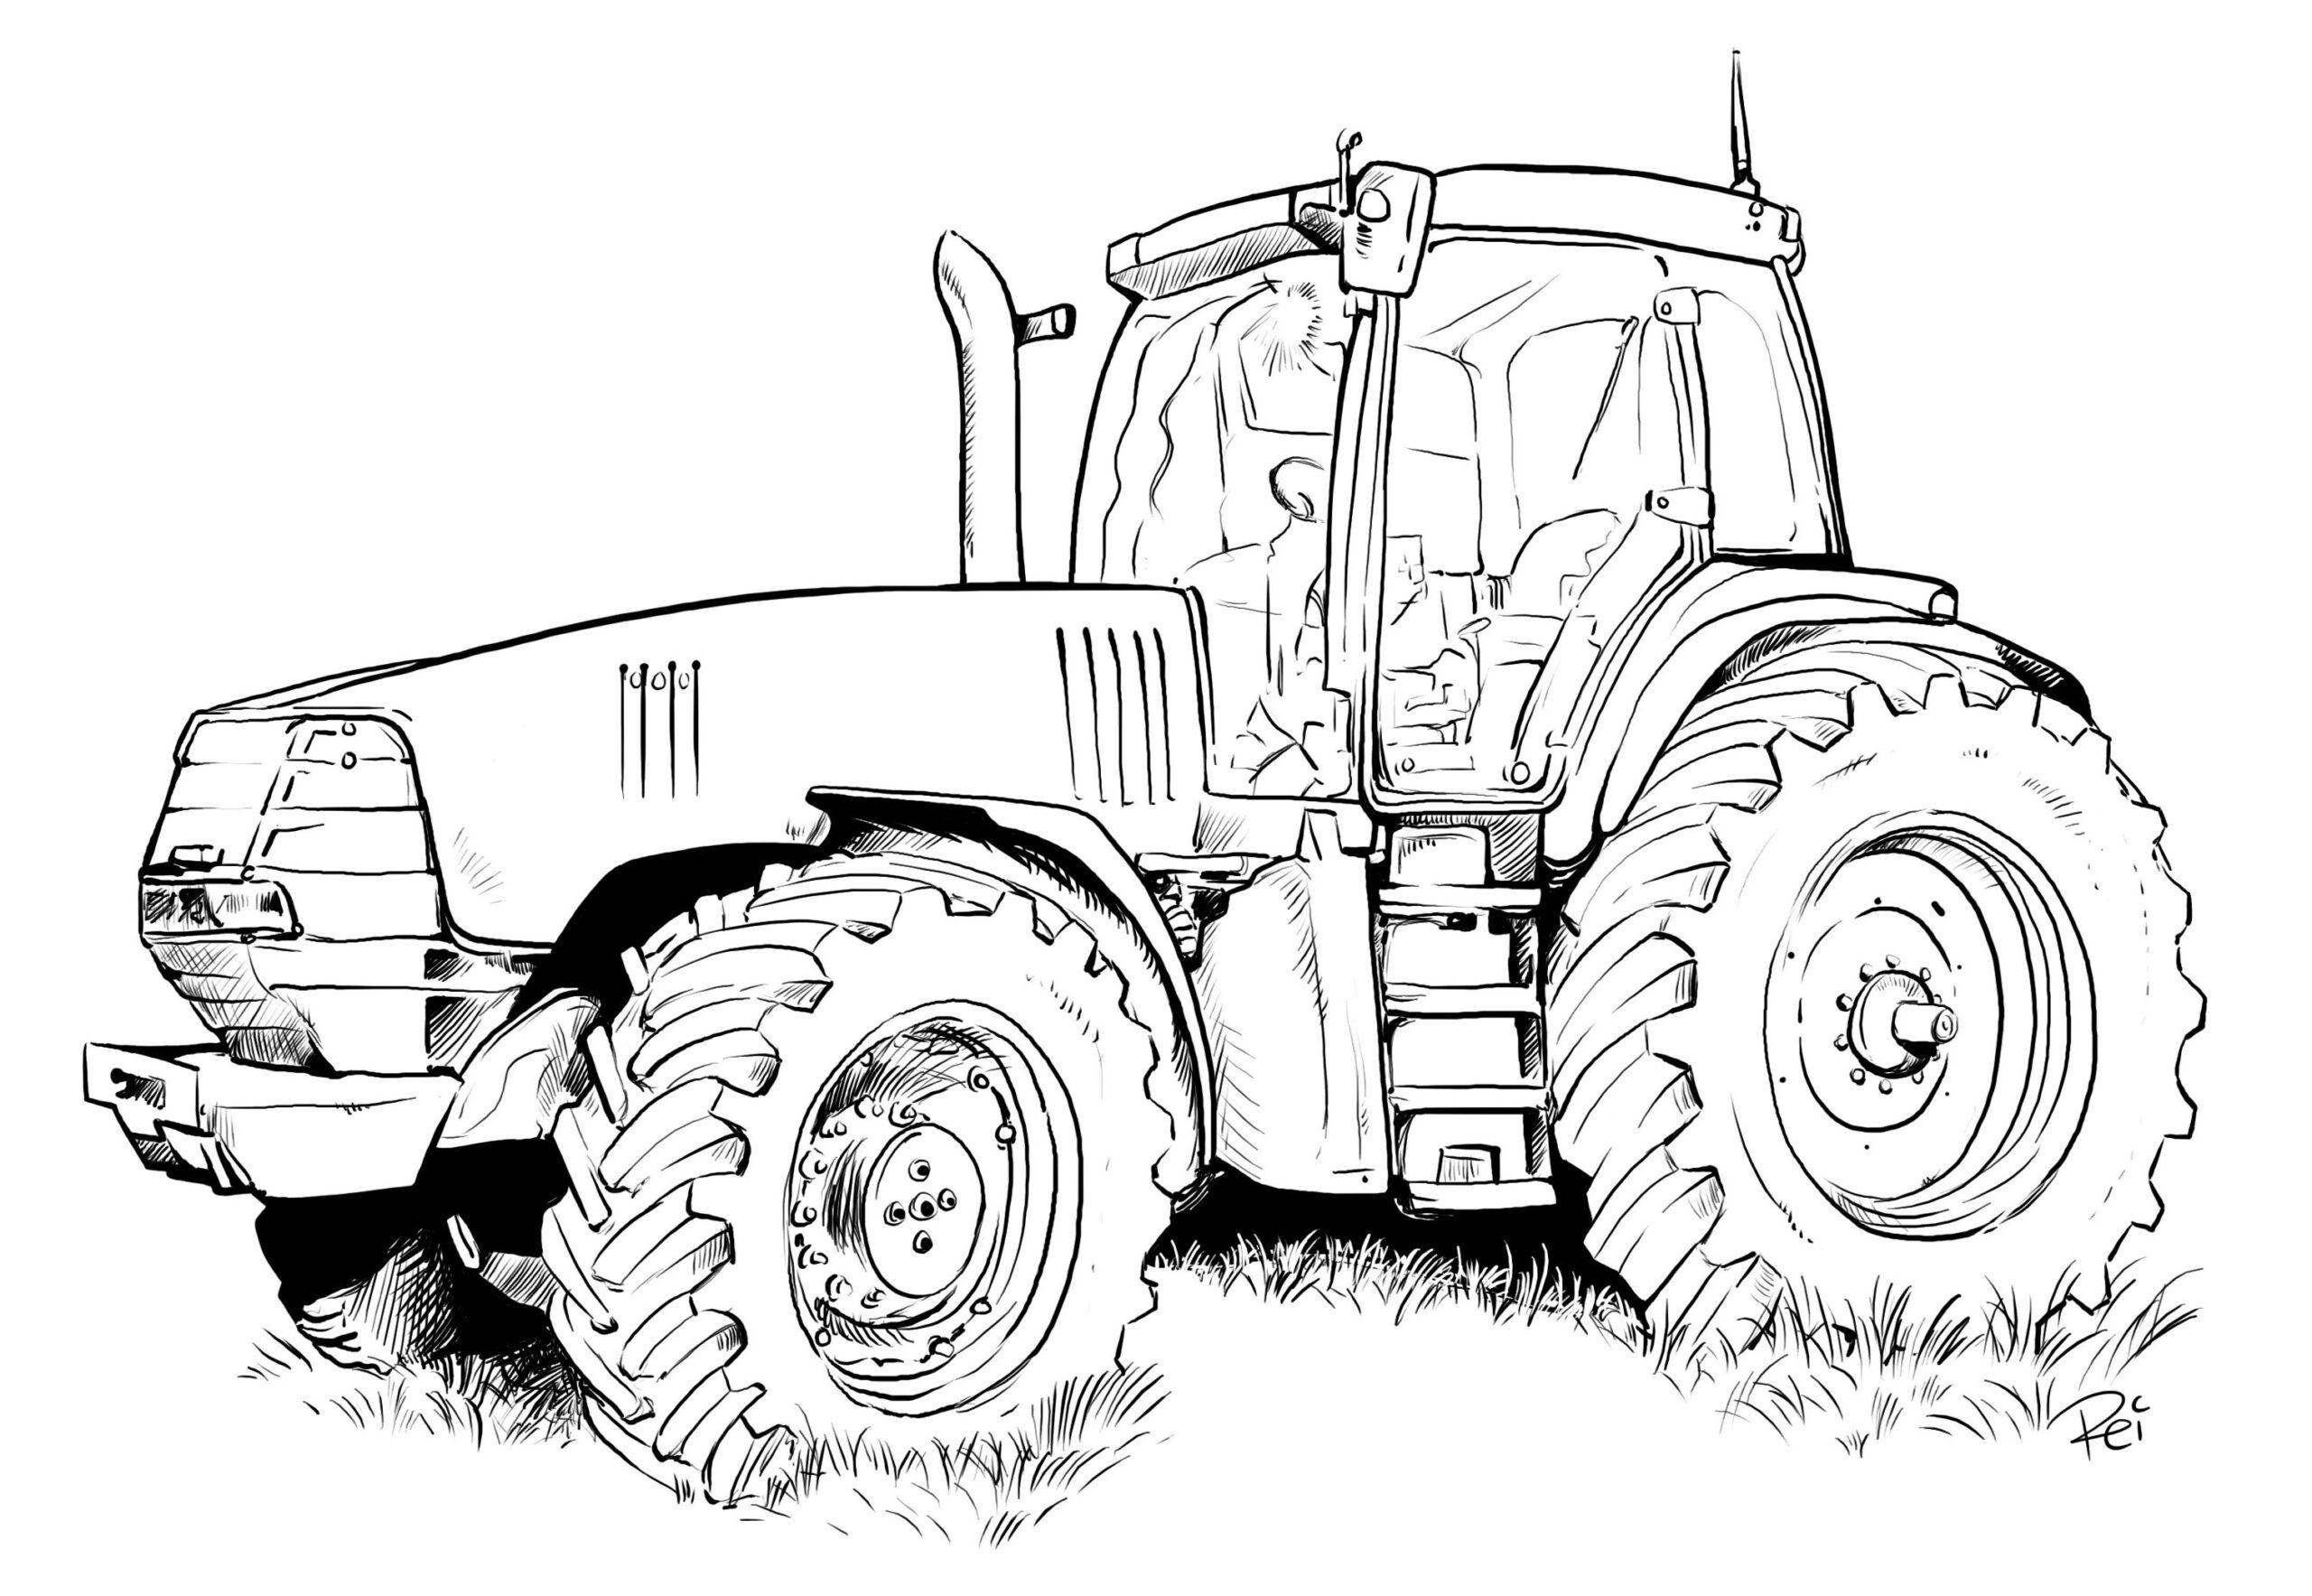 10 Beste Malvorlage Trecker Ausdruck 2020 In 2020 Ausmalbilder Traktor Traktor Bild Ausmalbilder